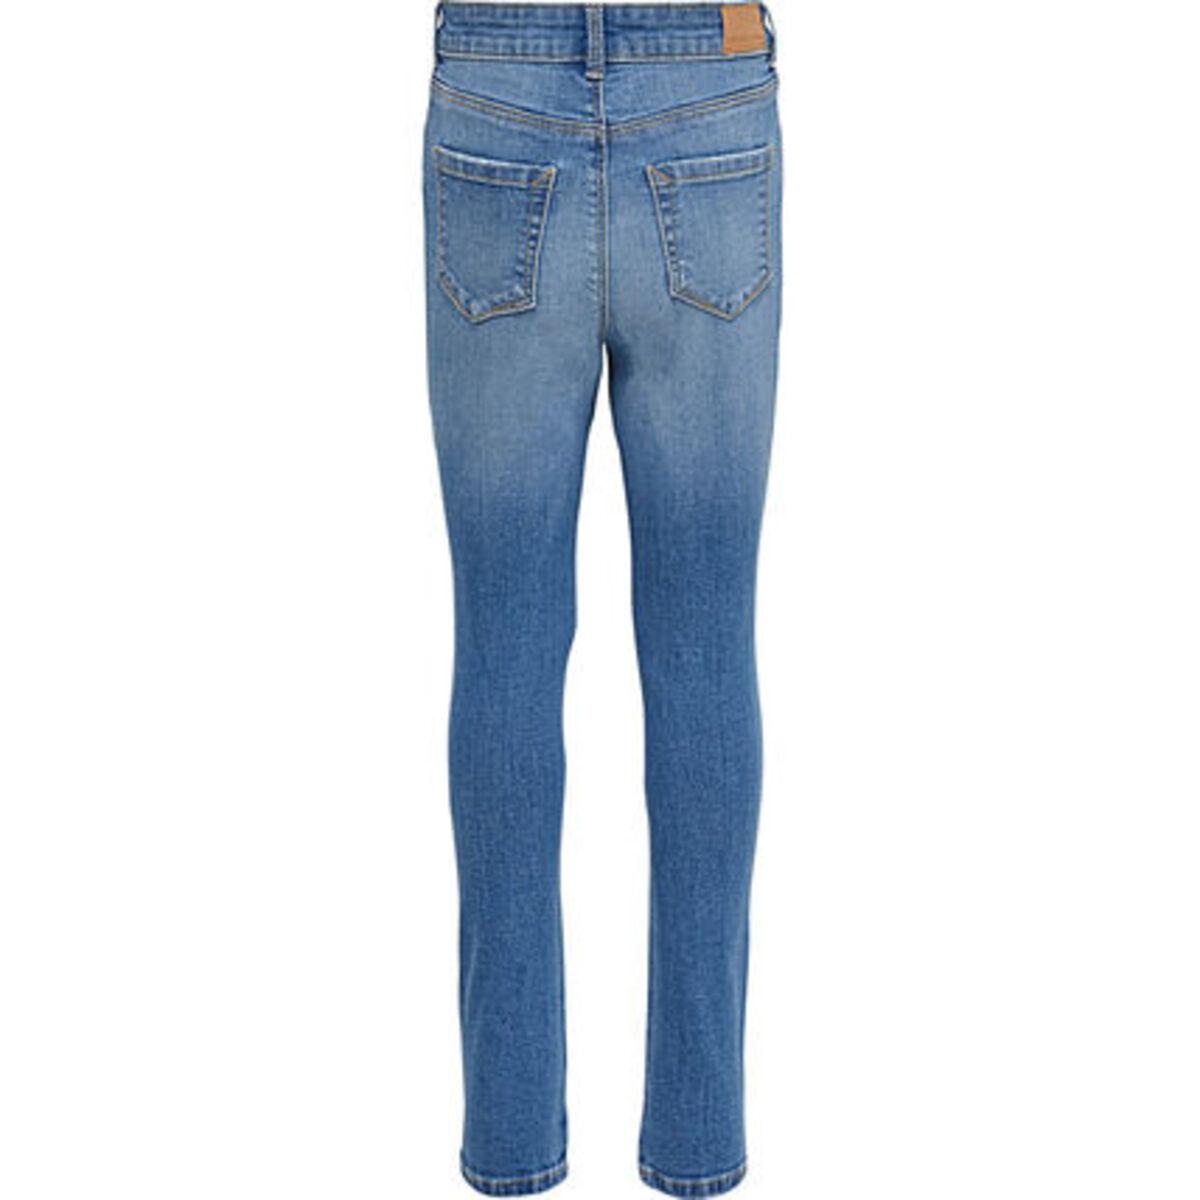 Bild 2 von Only Jeans, destroyed, Waschung, skinny, für Mädchen